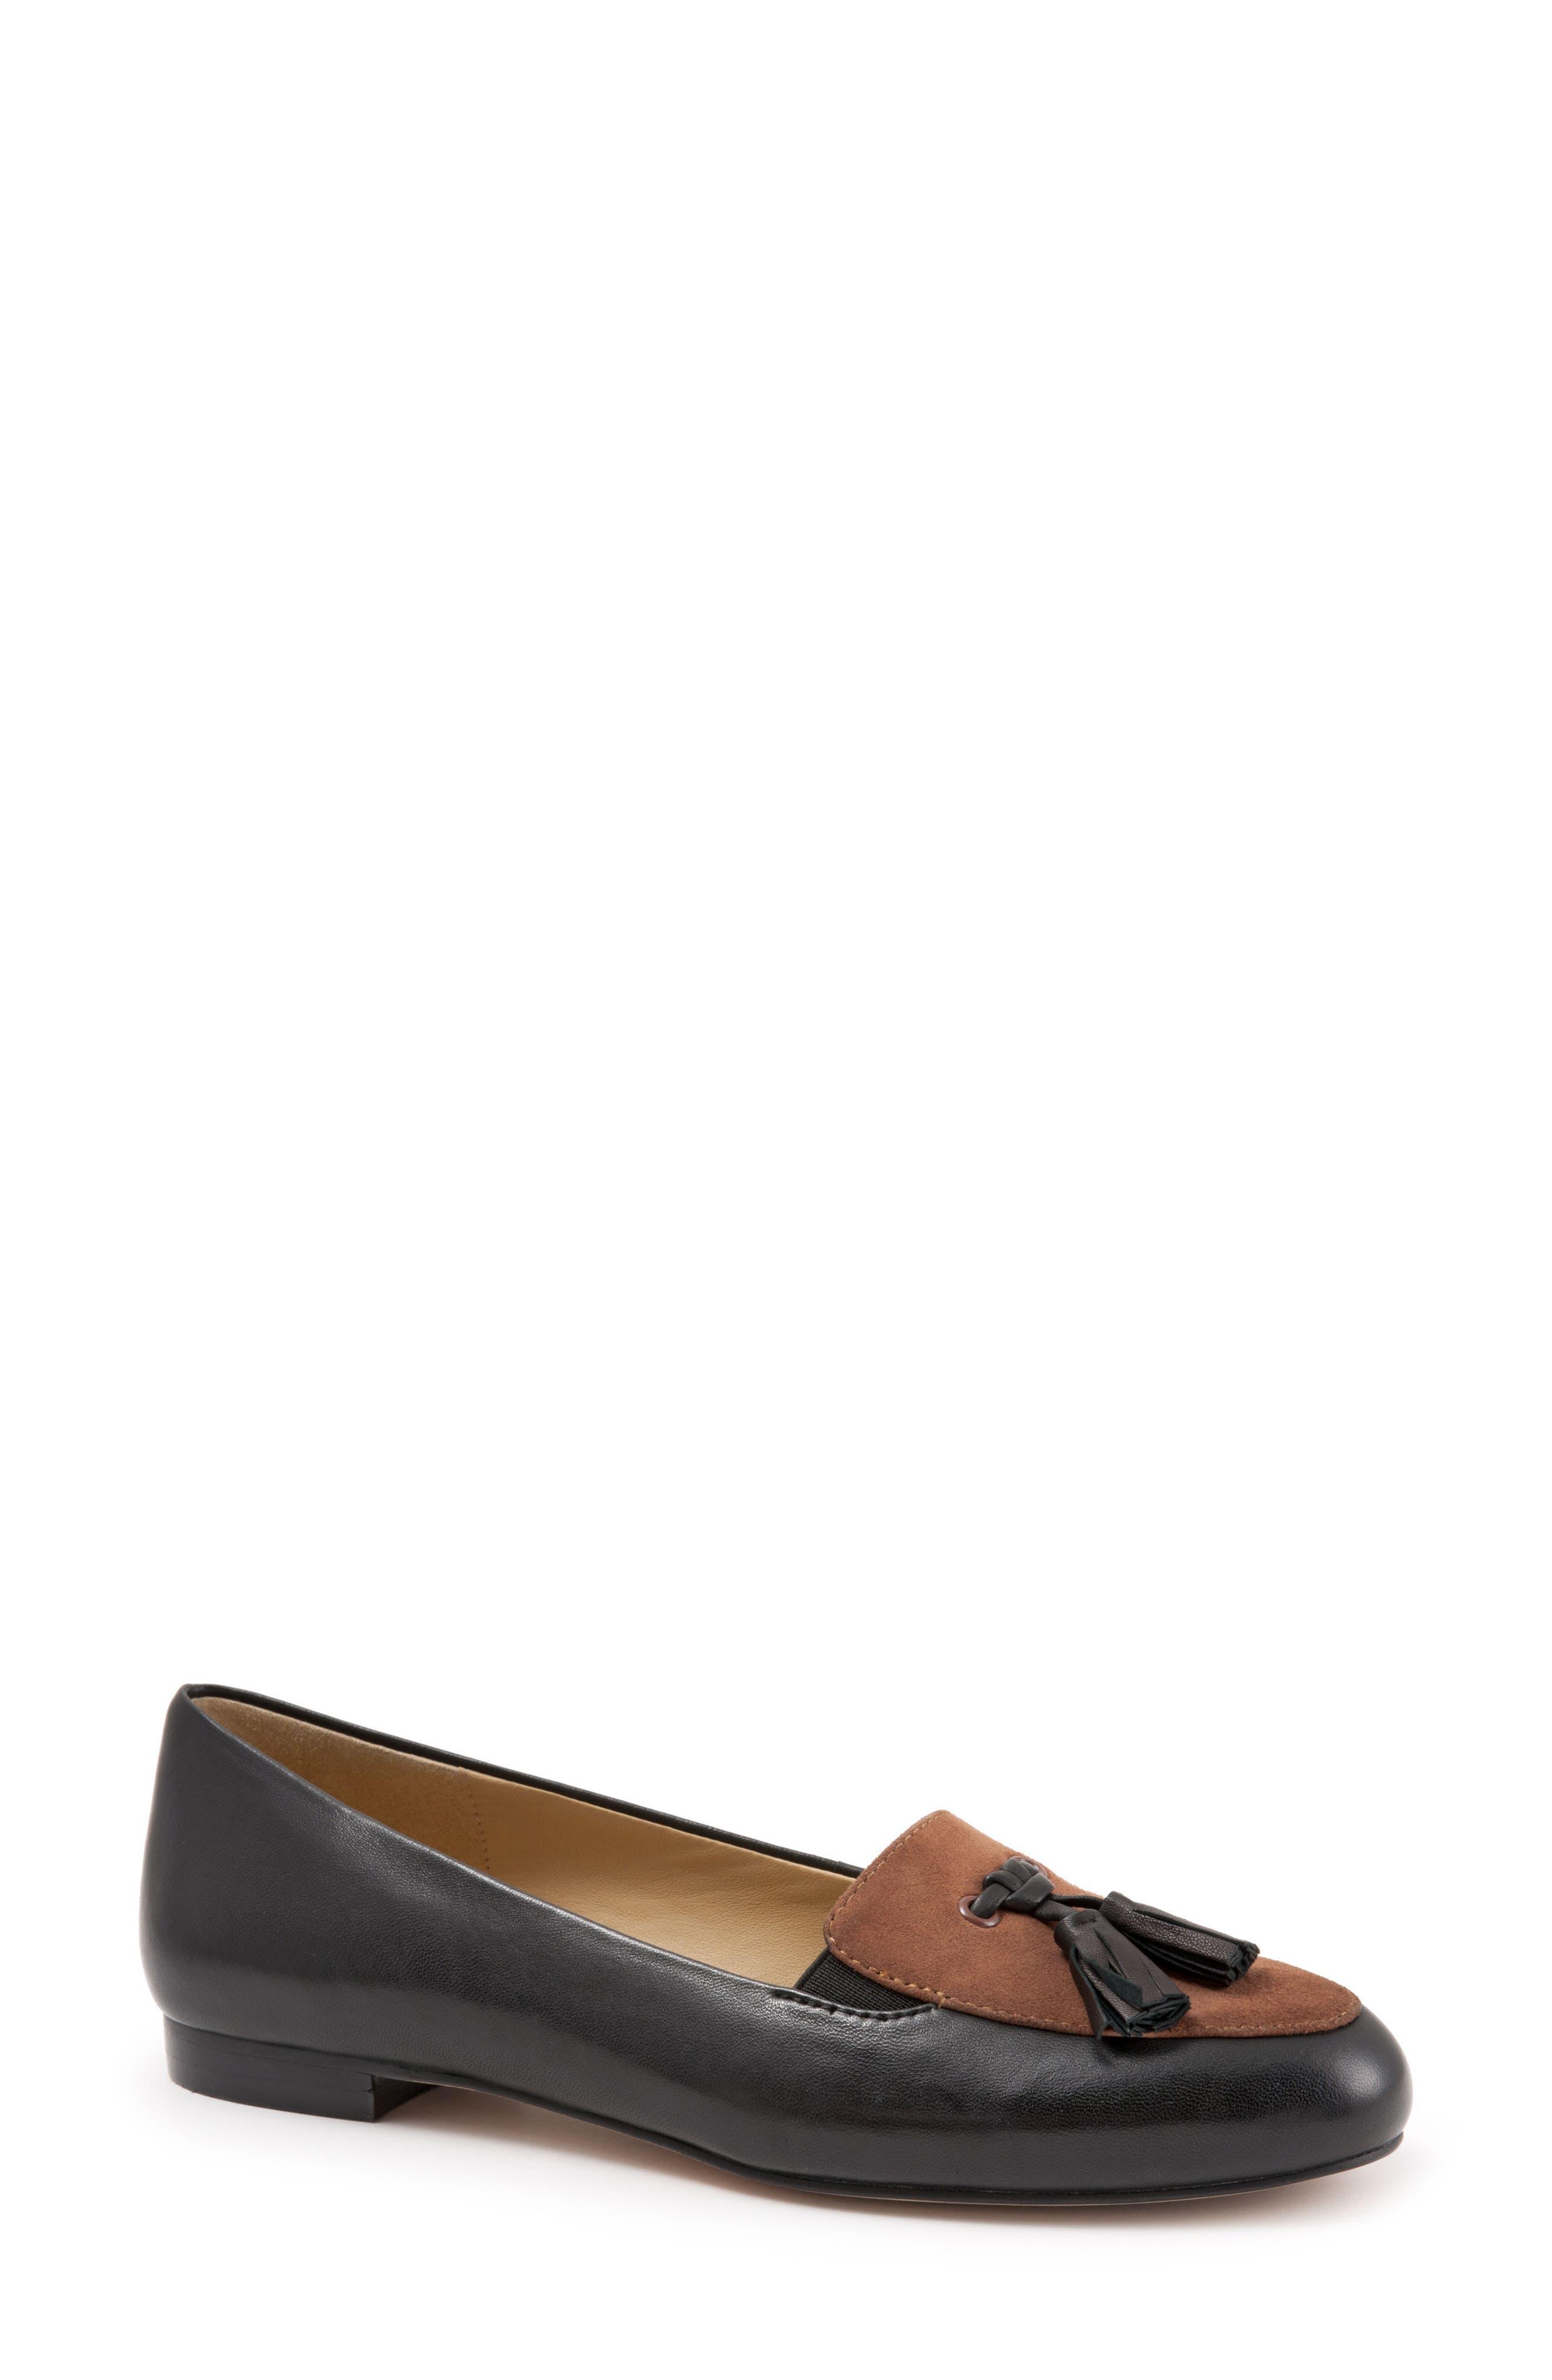 TROTTERS 'Caroline' Tassel Loafer, Main, color, BLACK/ TOBACCO LEATHER